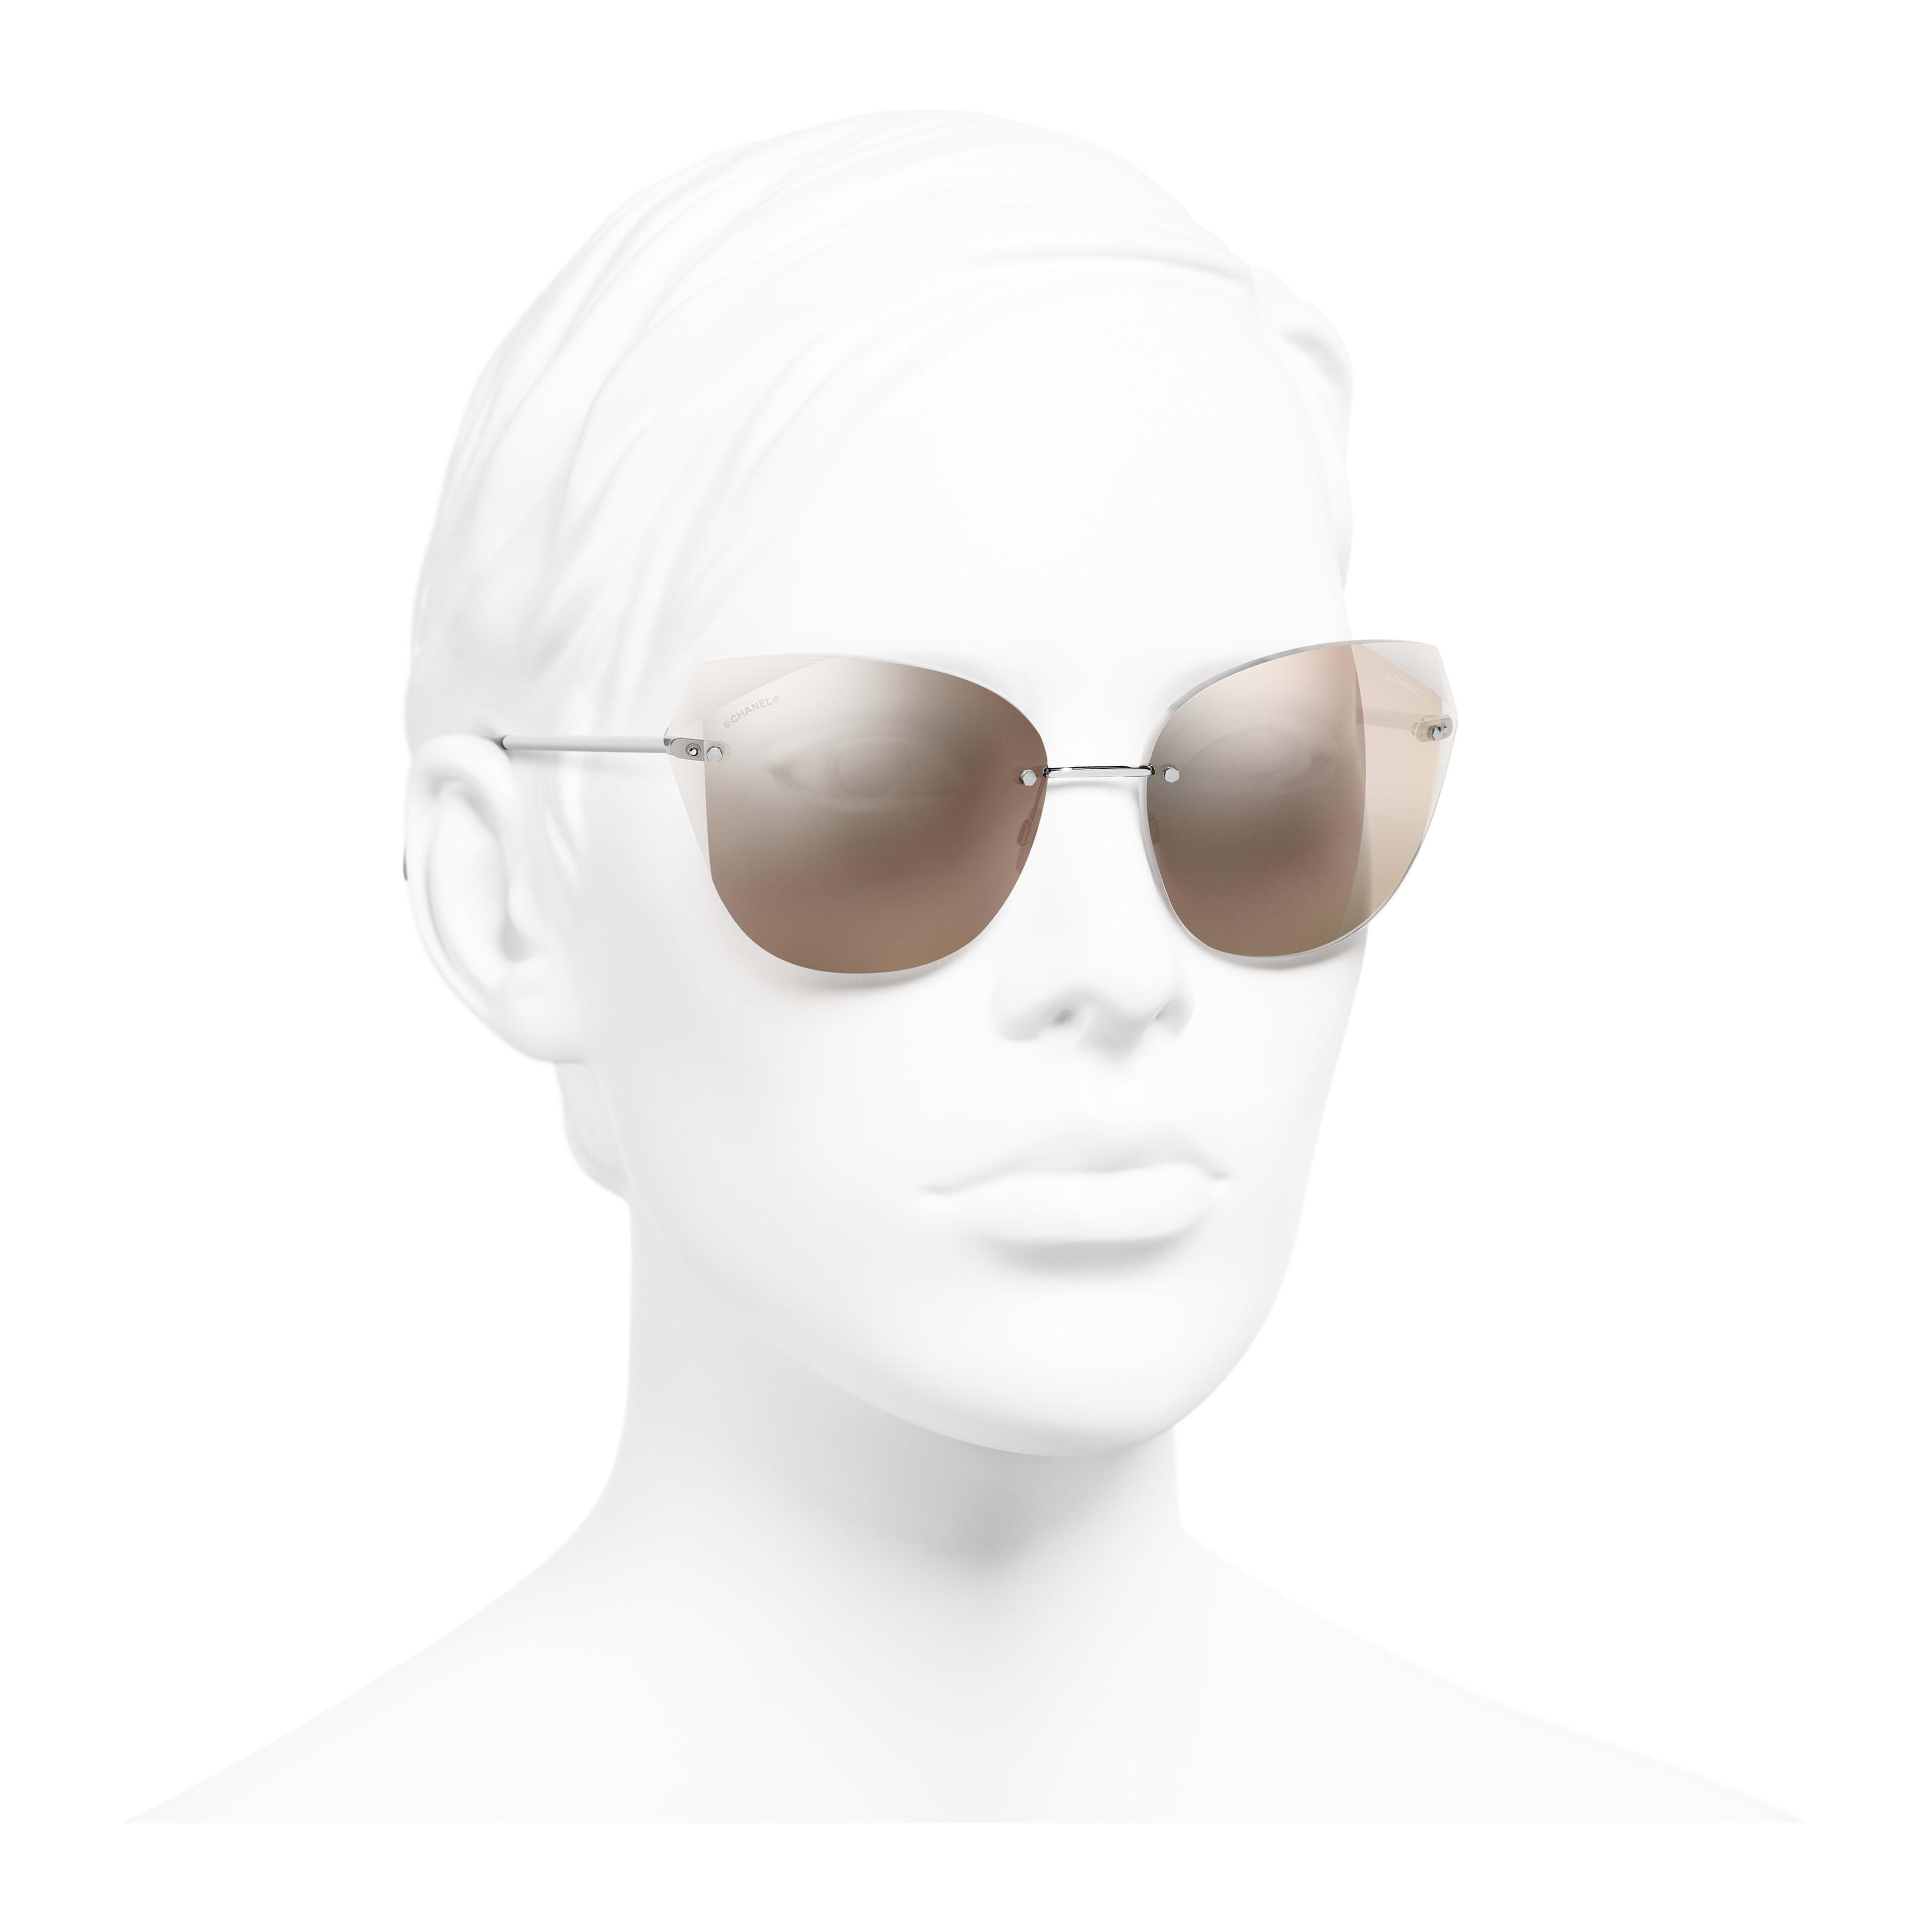 แว่นตากันแดดทรงแคทอายส์ - สีเงิน - โลหะ - มุมมองการสวมใส่ 3/4 - ดูเวอร์ชันขนาดเต็ม